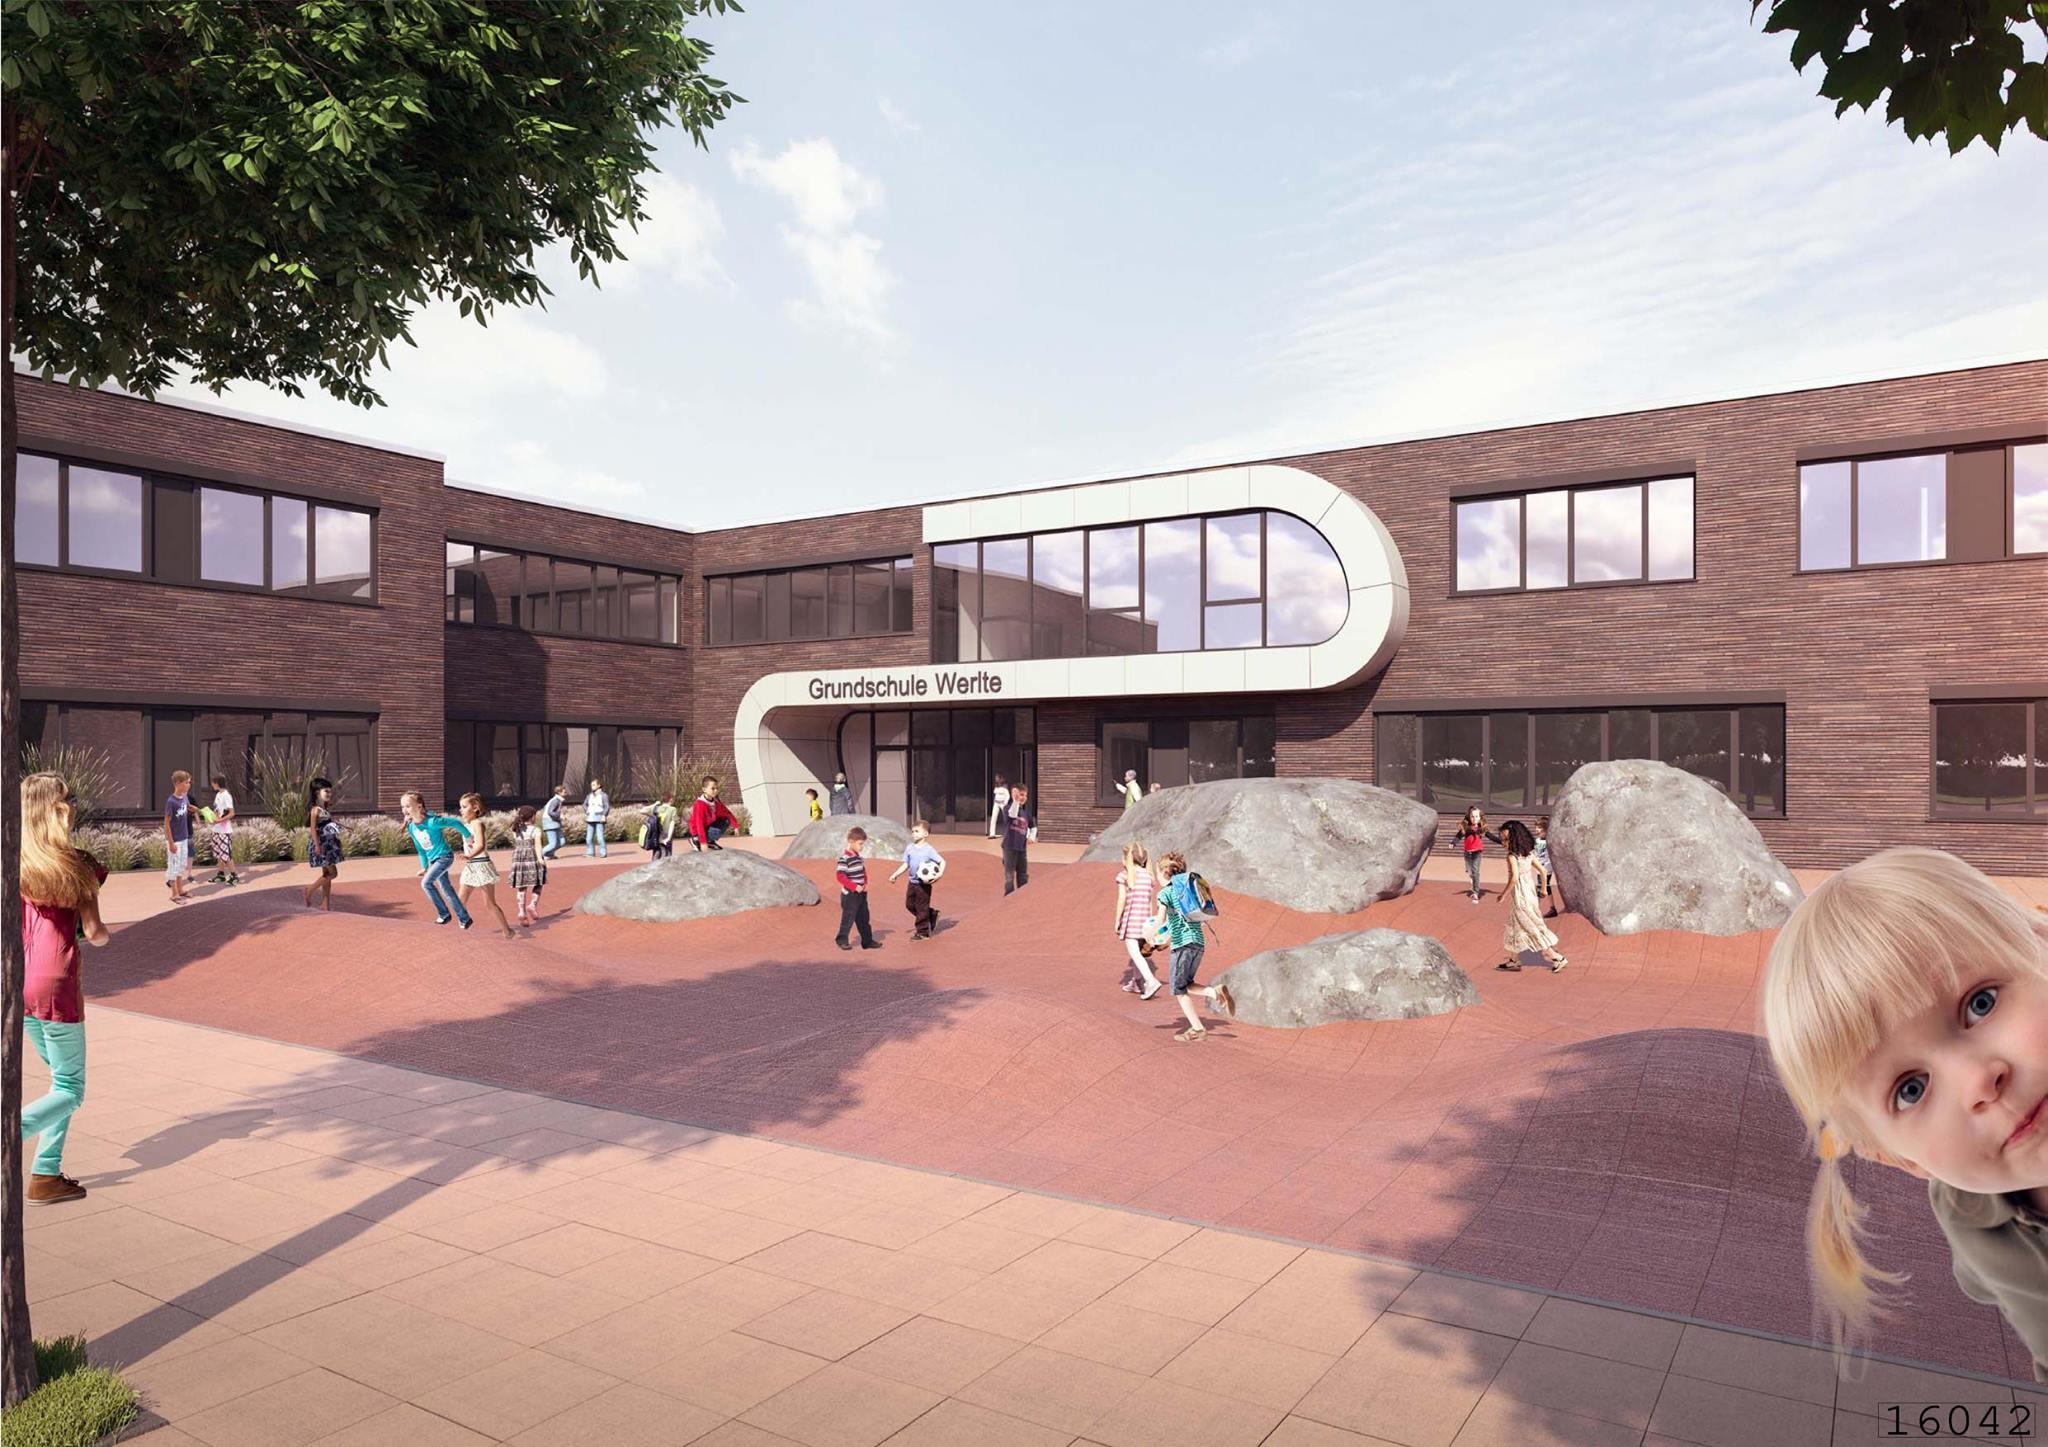 Dachdeckerarbeiten Grundschule Werlte